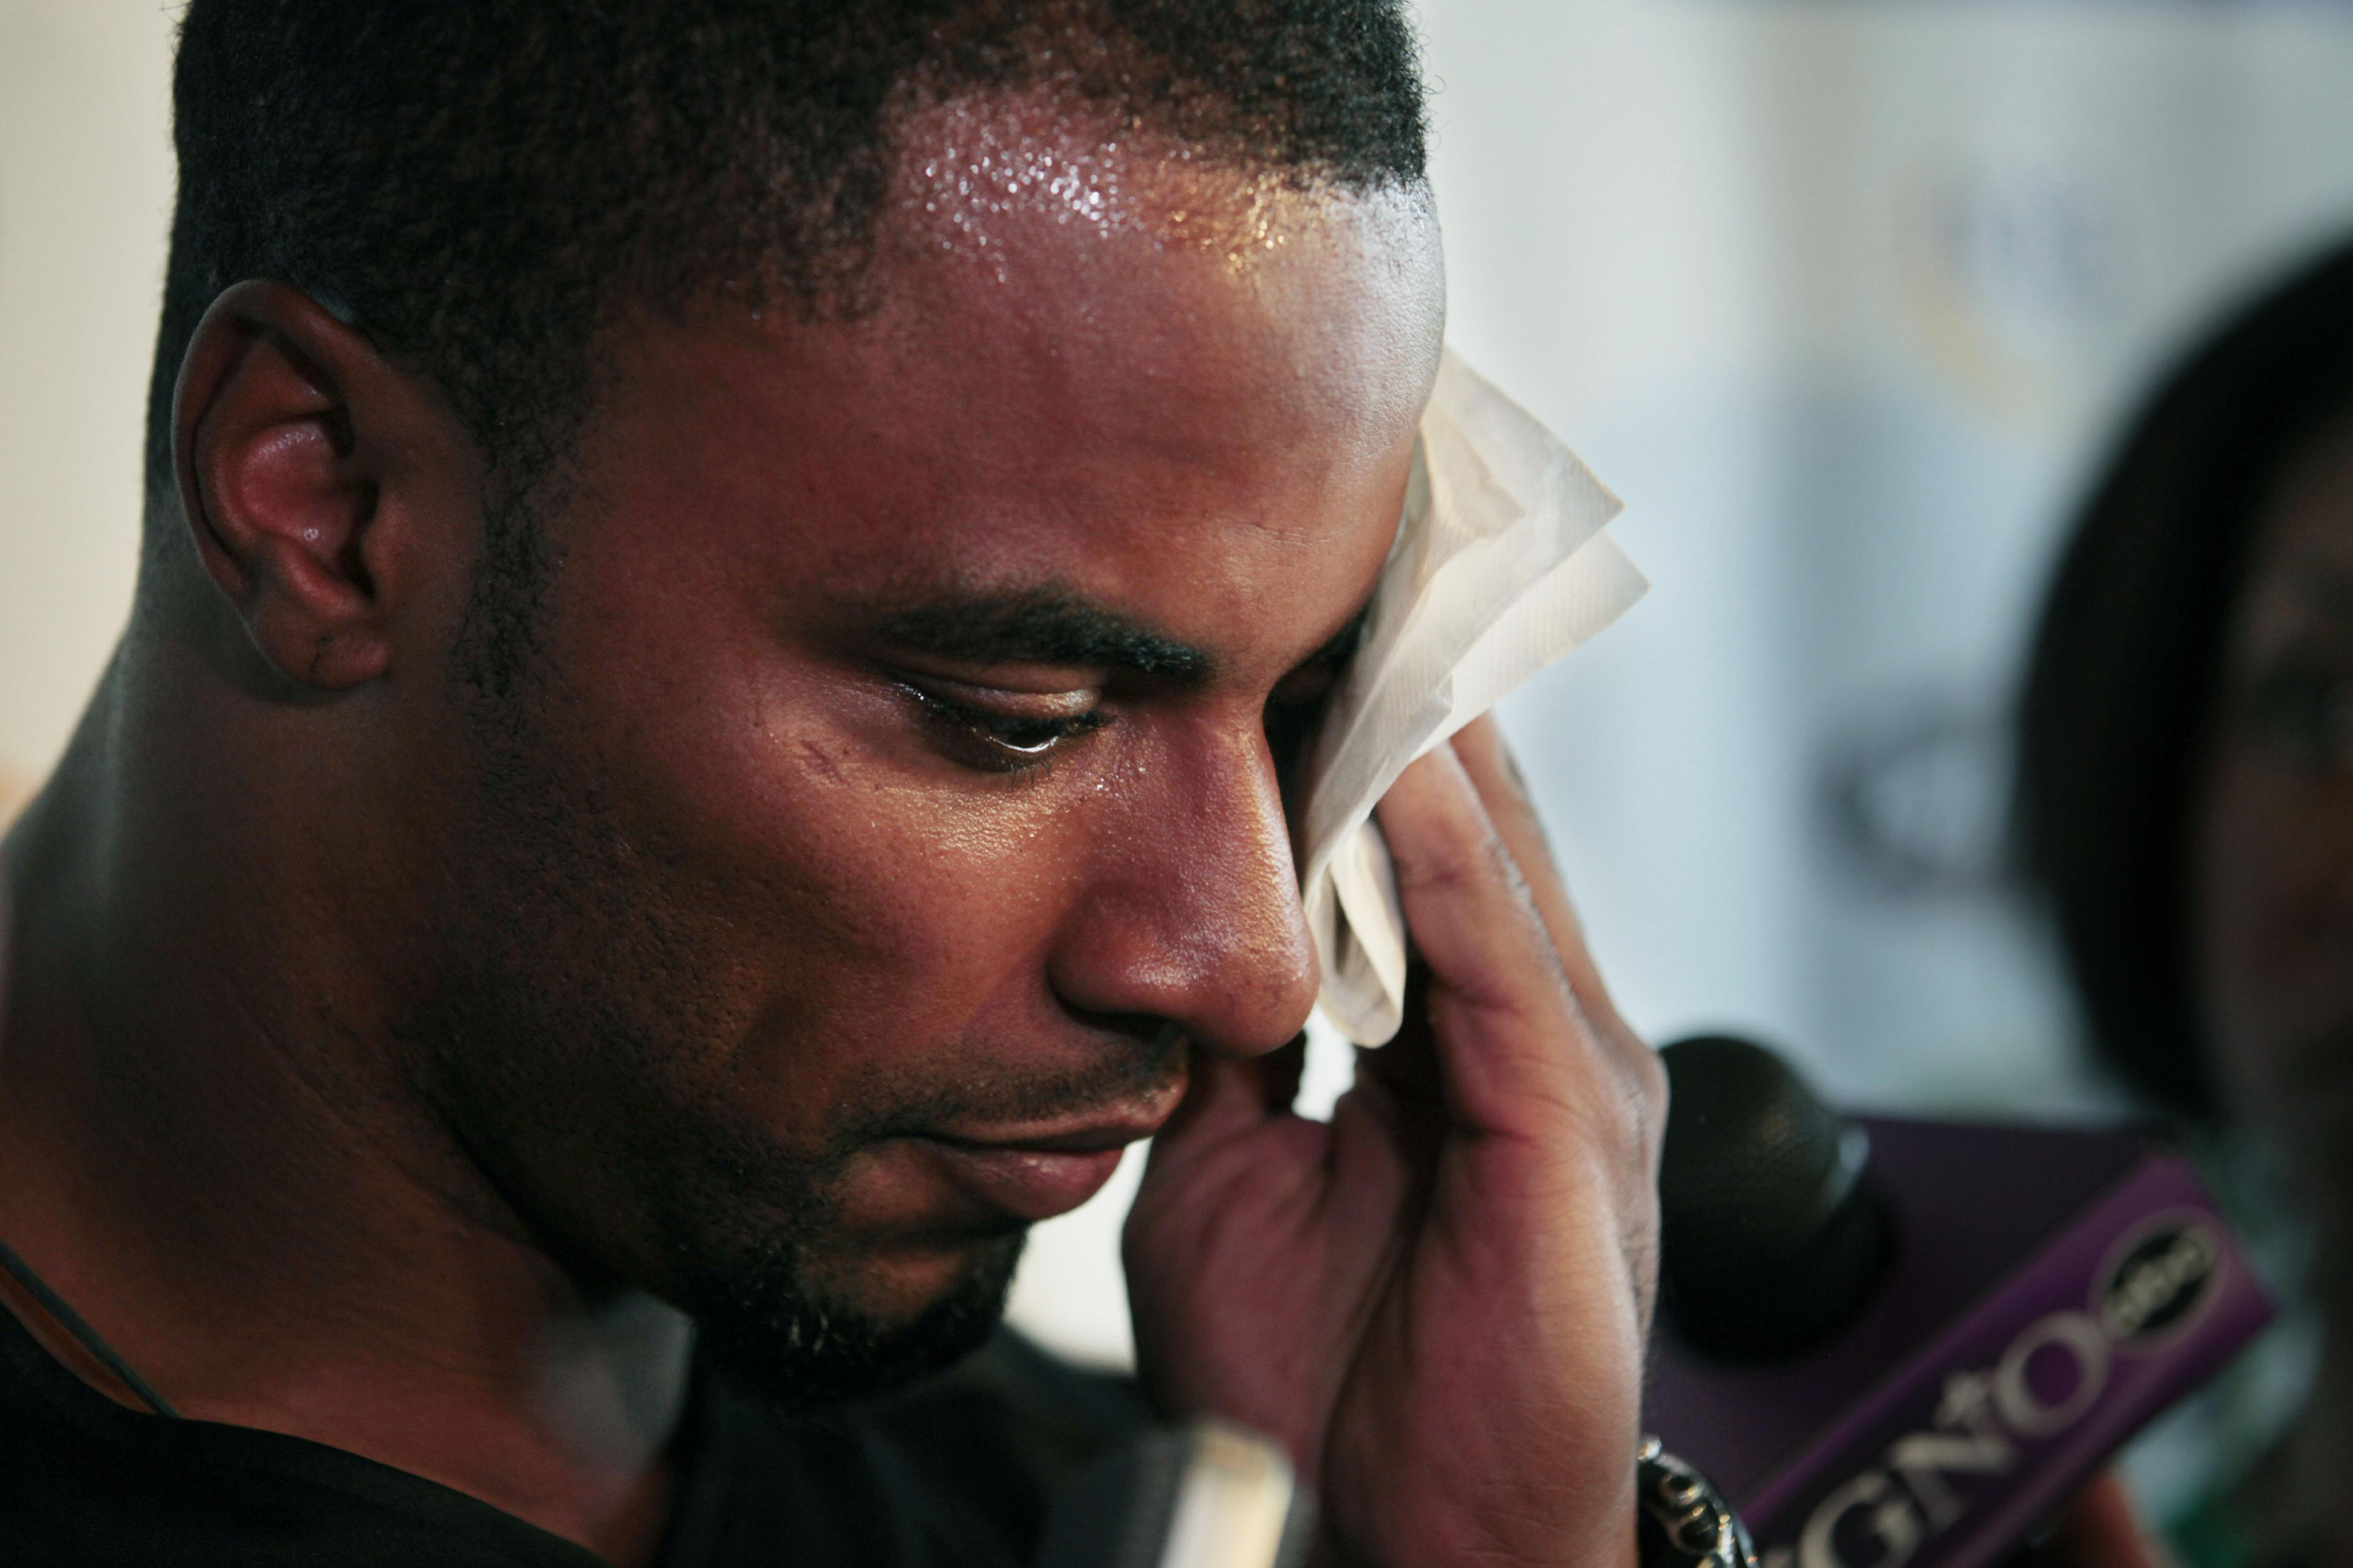 Former NFL star Sharper arrested in Los Angeles